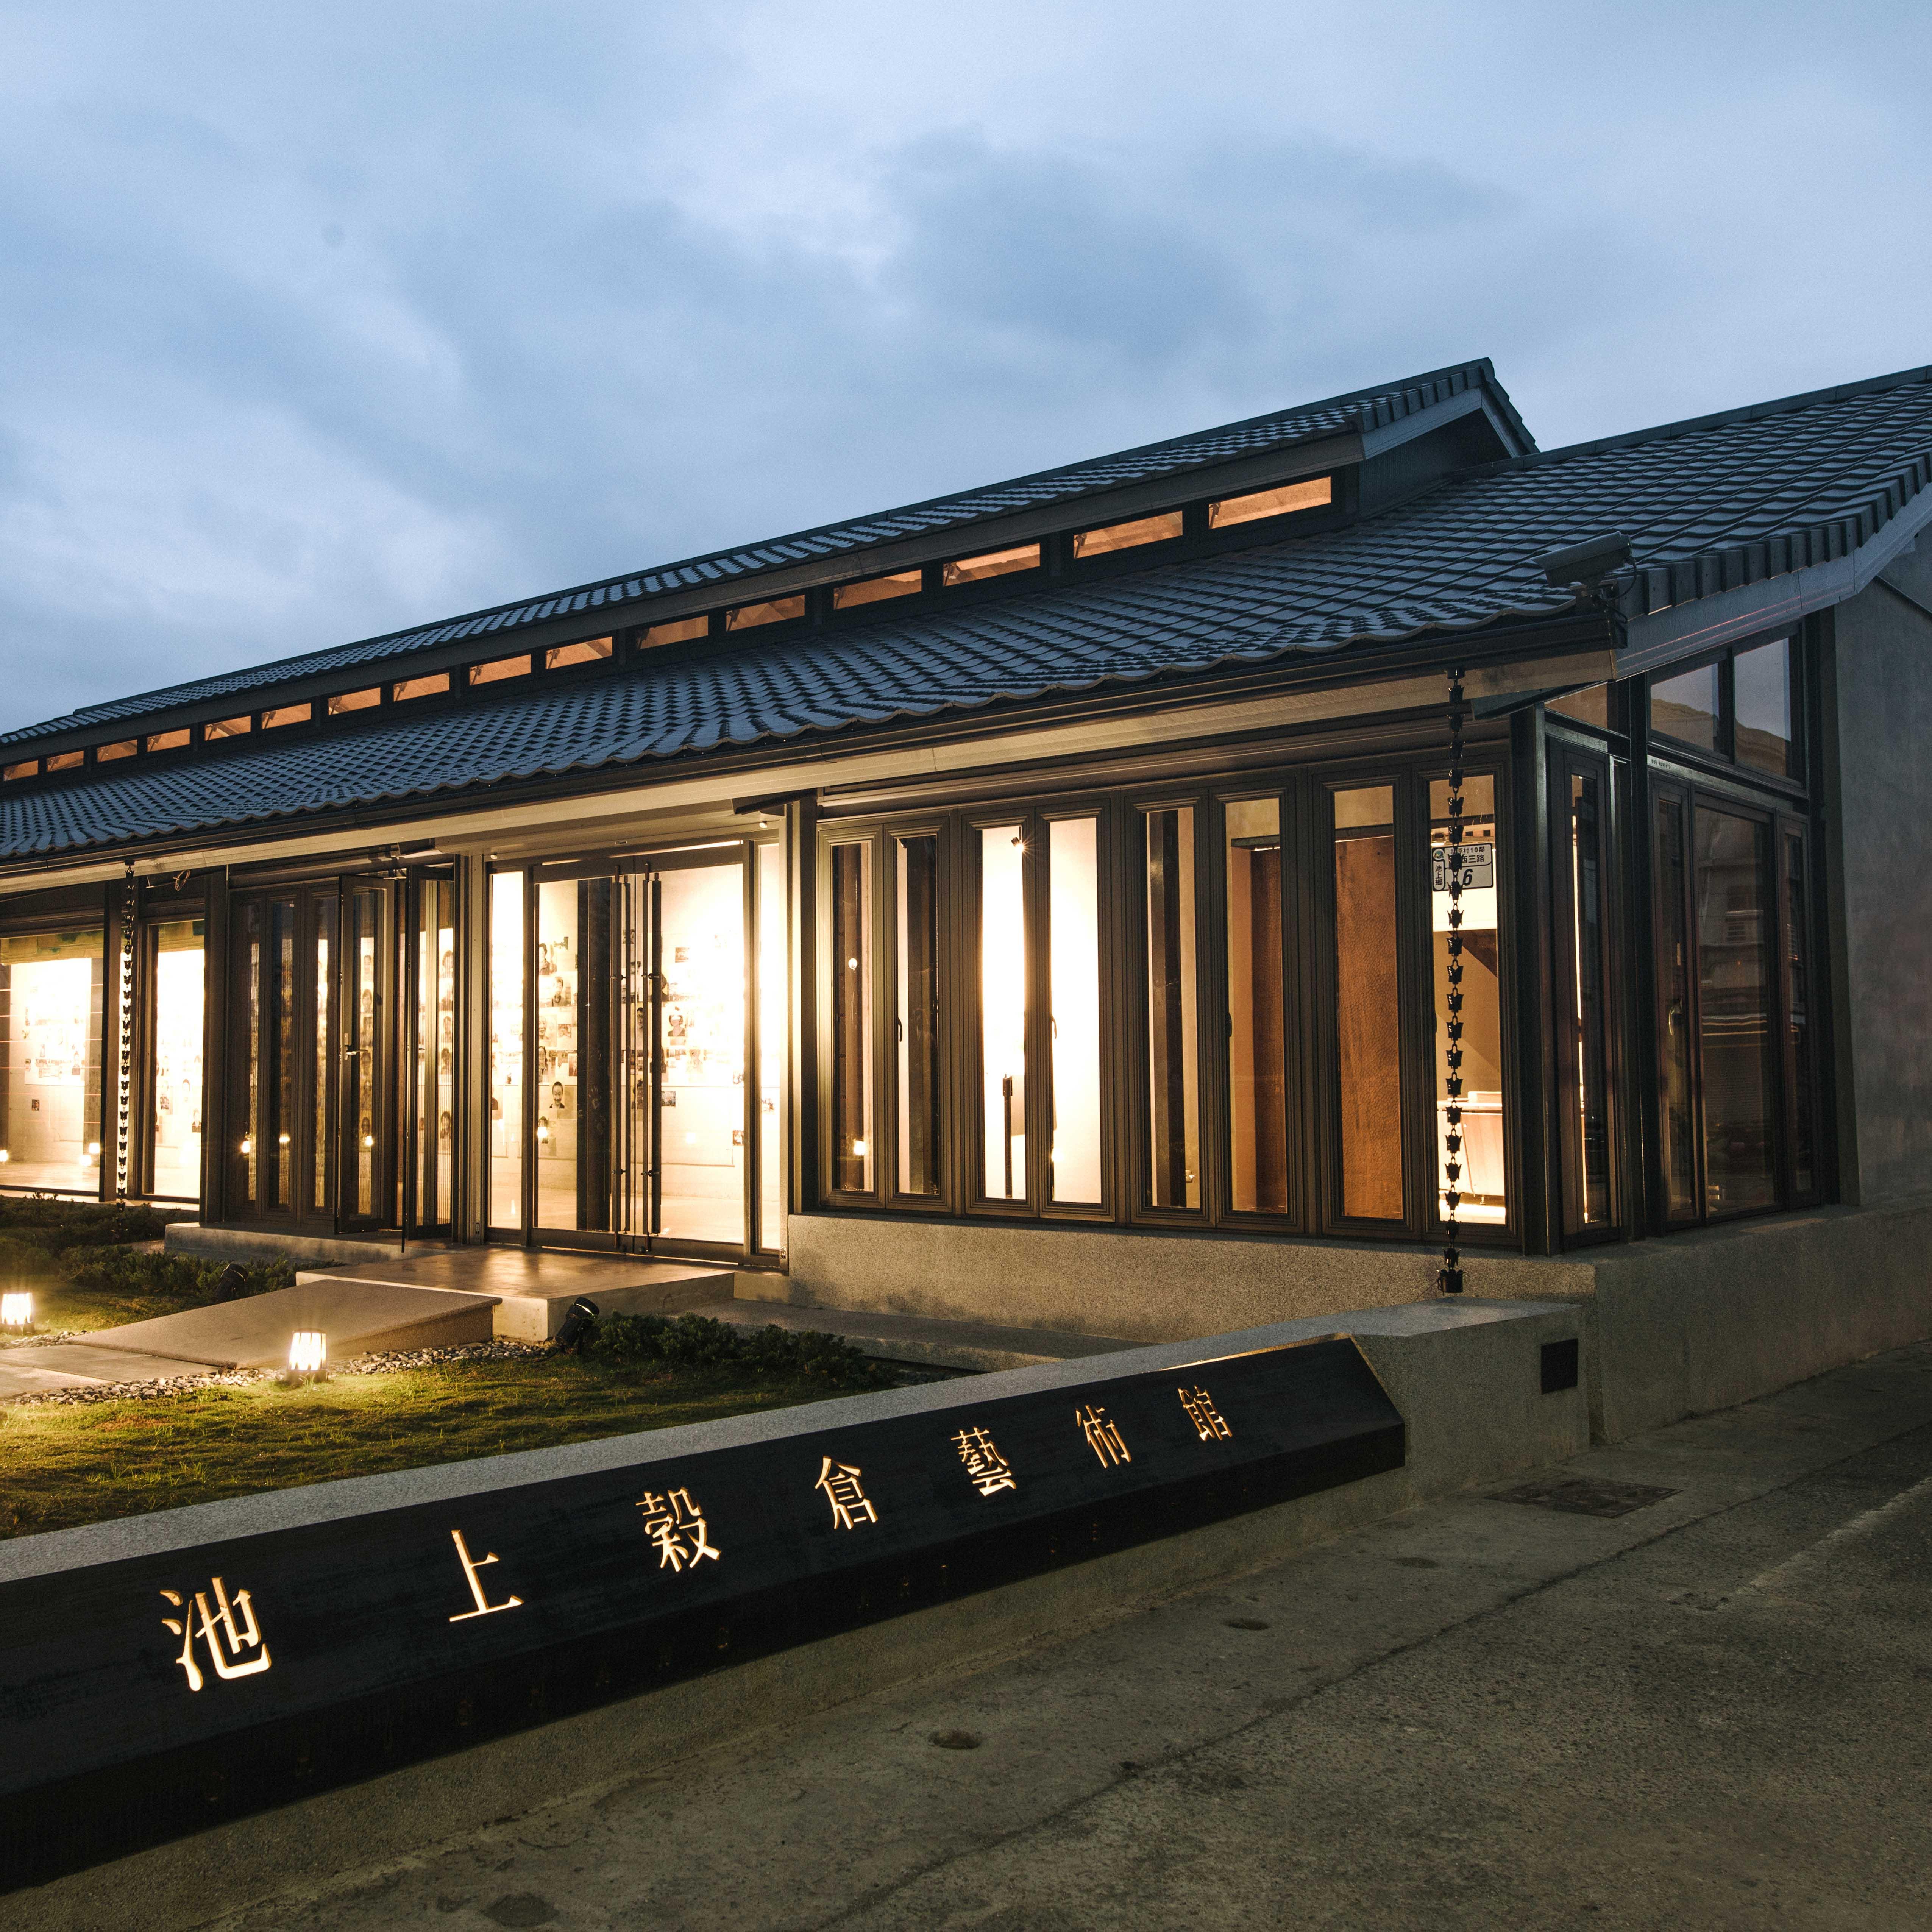 2017 台東池上穀倉藝術館